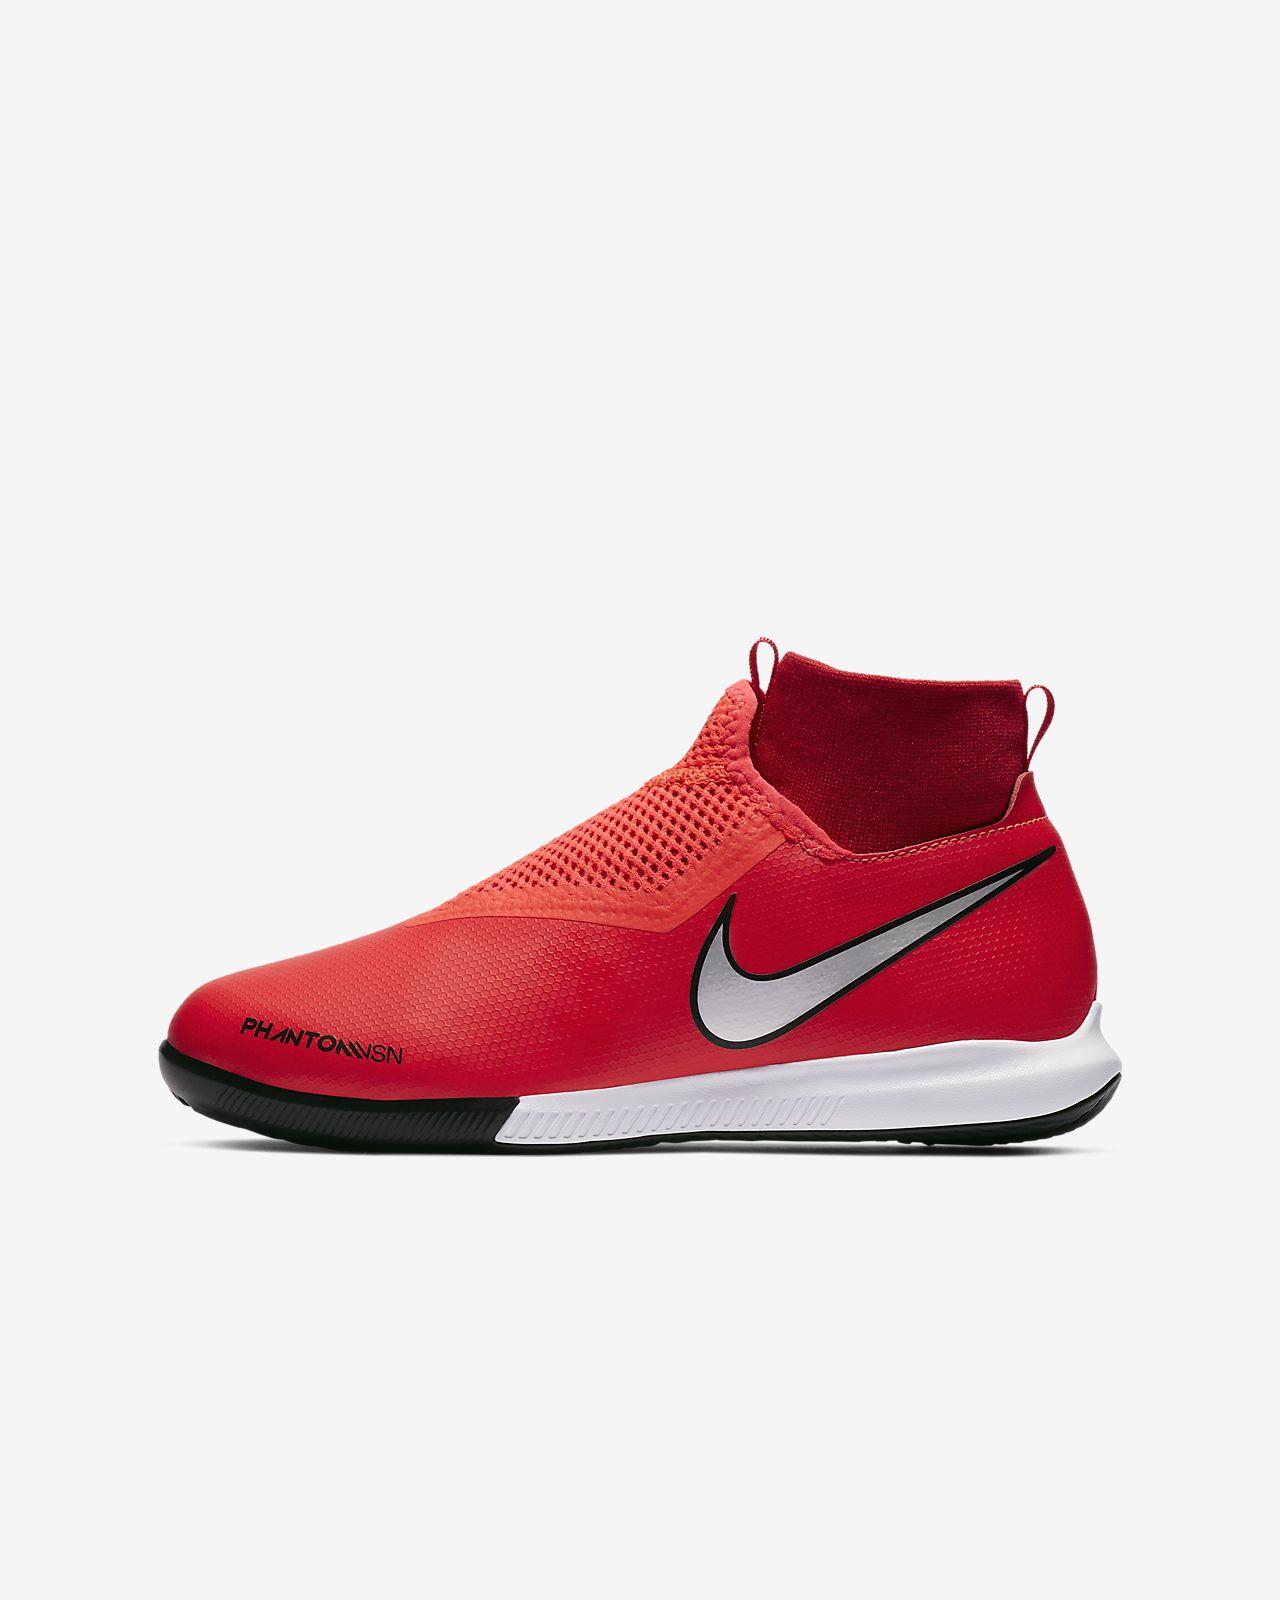 best sneakers b64e9 69f00 ... Halowe buty do piłki nożnej dla dzieci Nike Jr. Phantom Vision Academy  Dynamic Fit IC